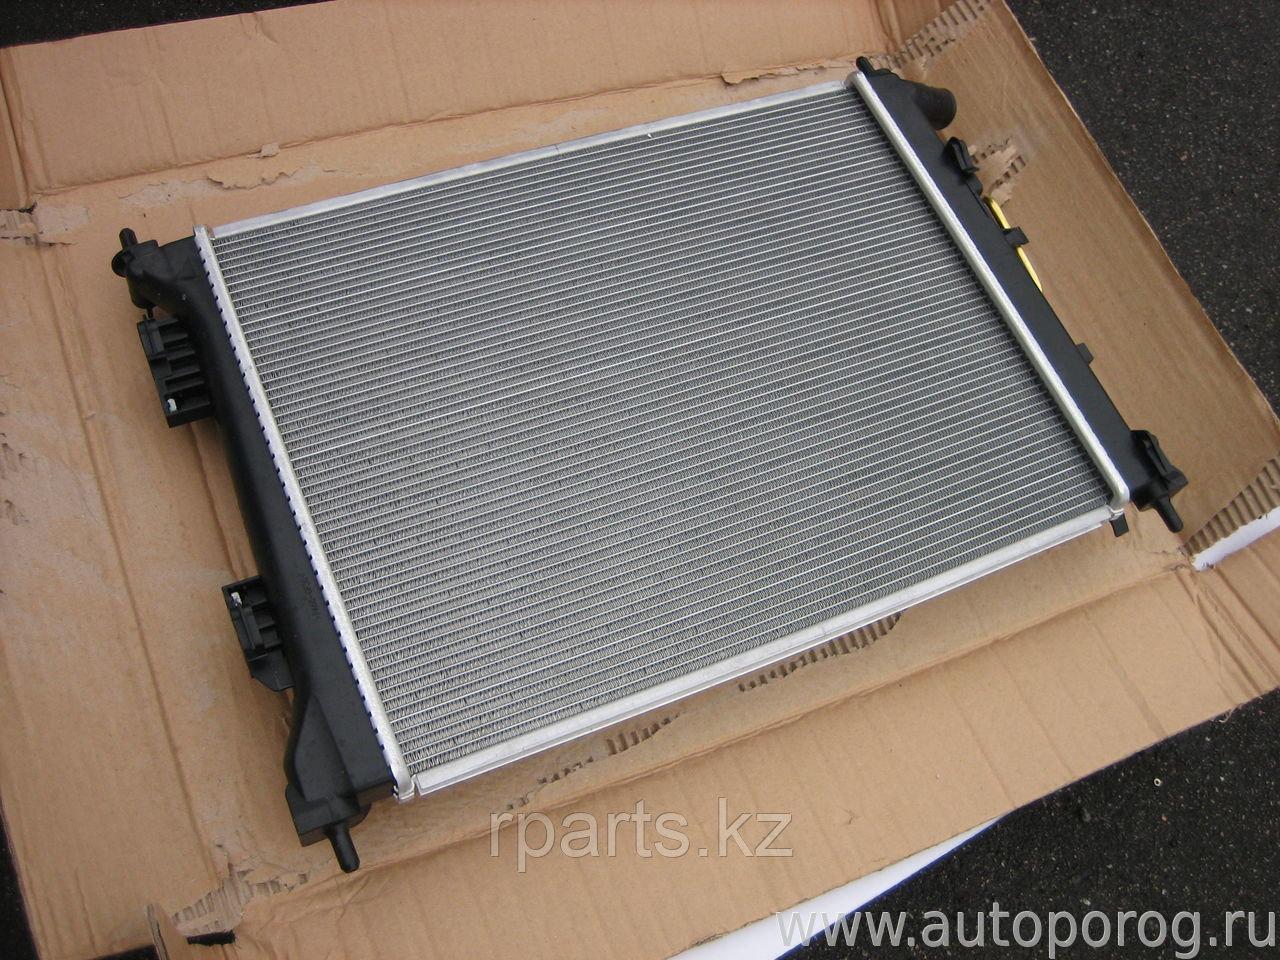 Радиатор охлаждения KIA Rio / Киа Рио